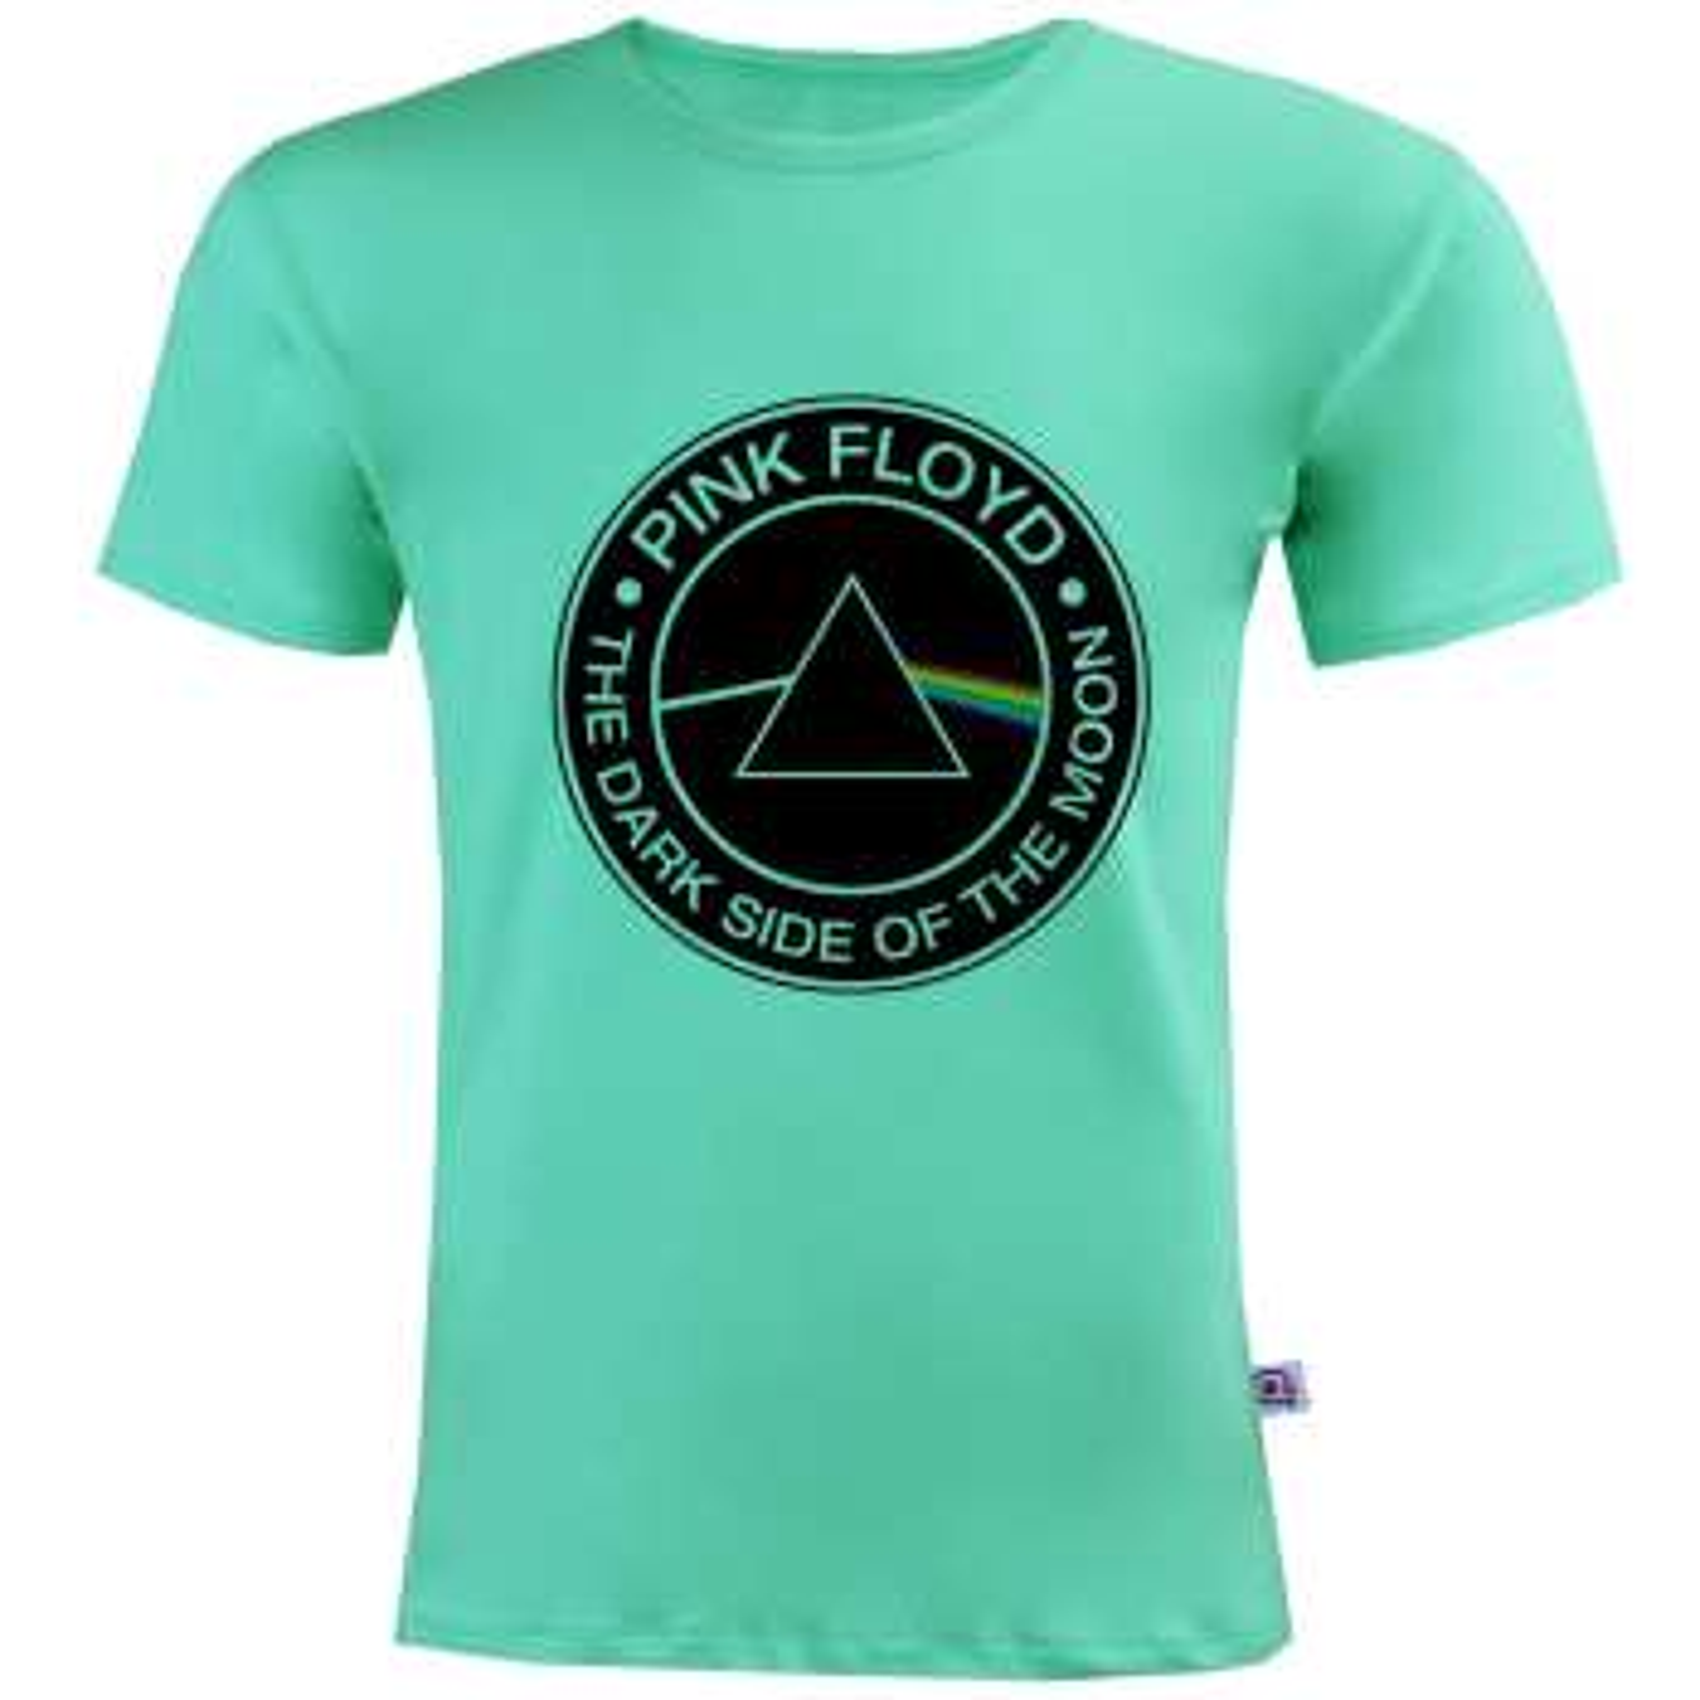 تی شرت مردانه آکو طرح پینک فلوید کد SC60